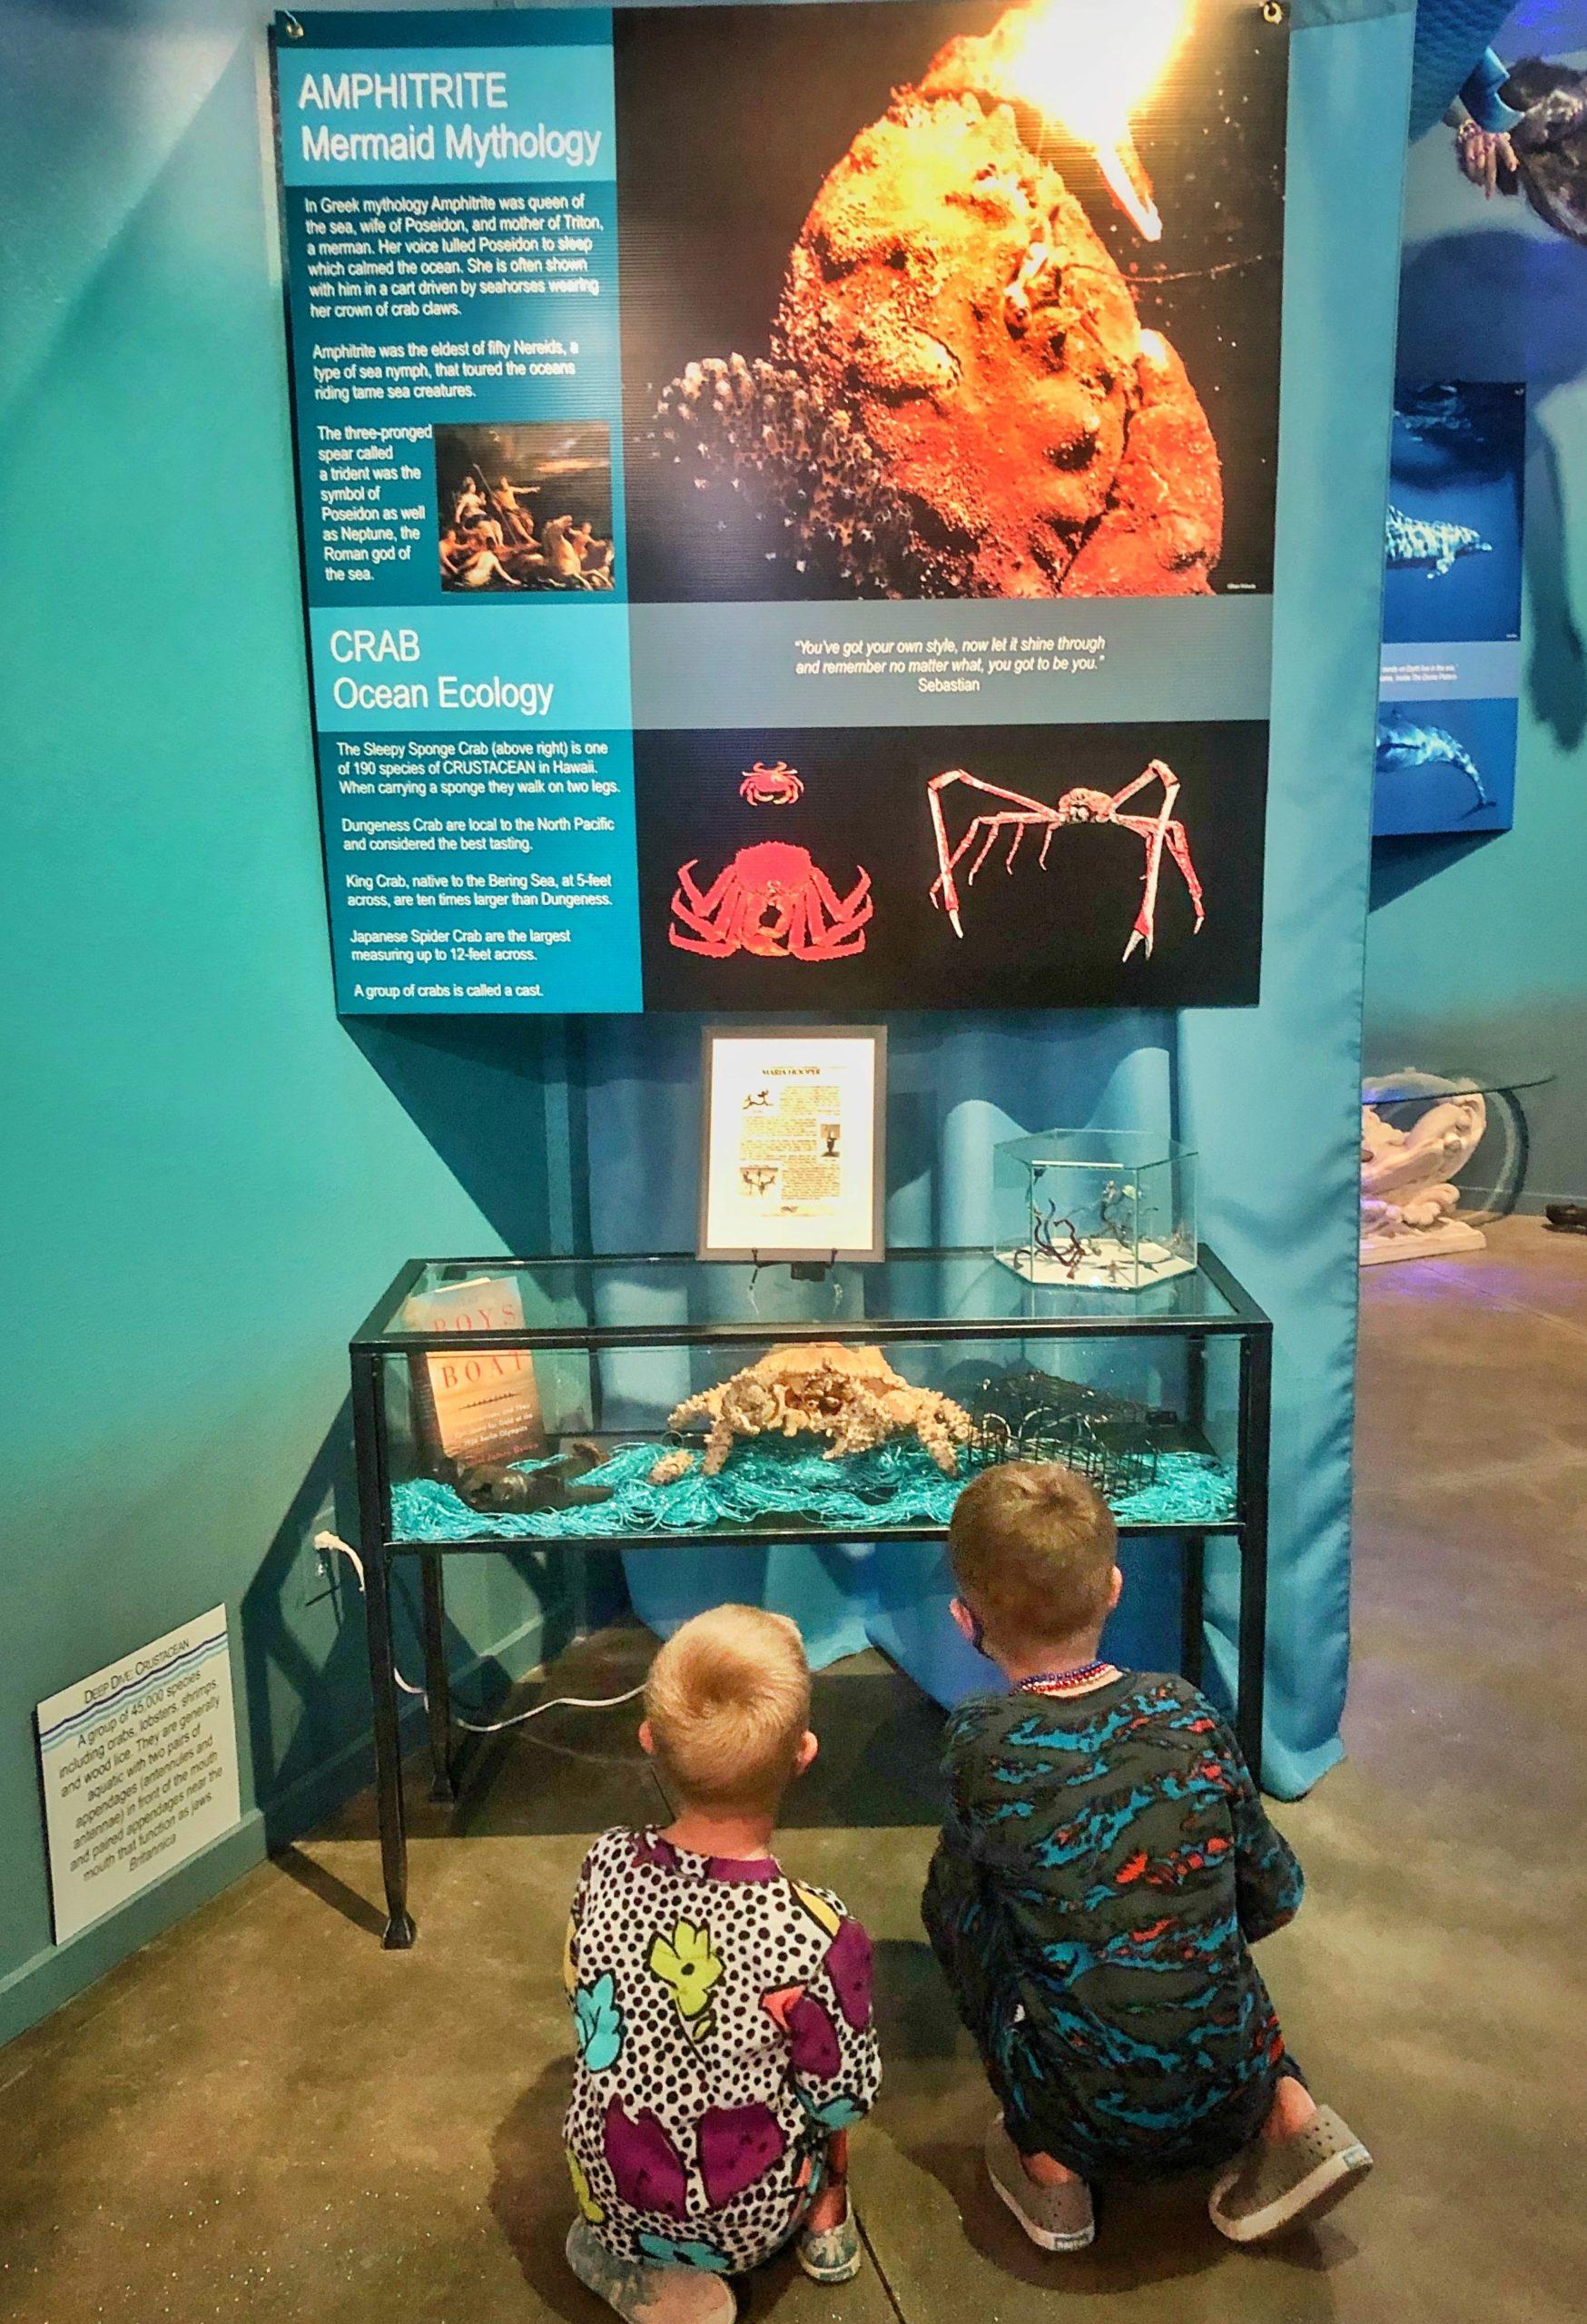 International mermaid museum, Westhaven Westport